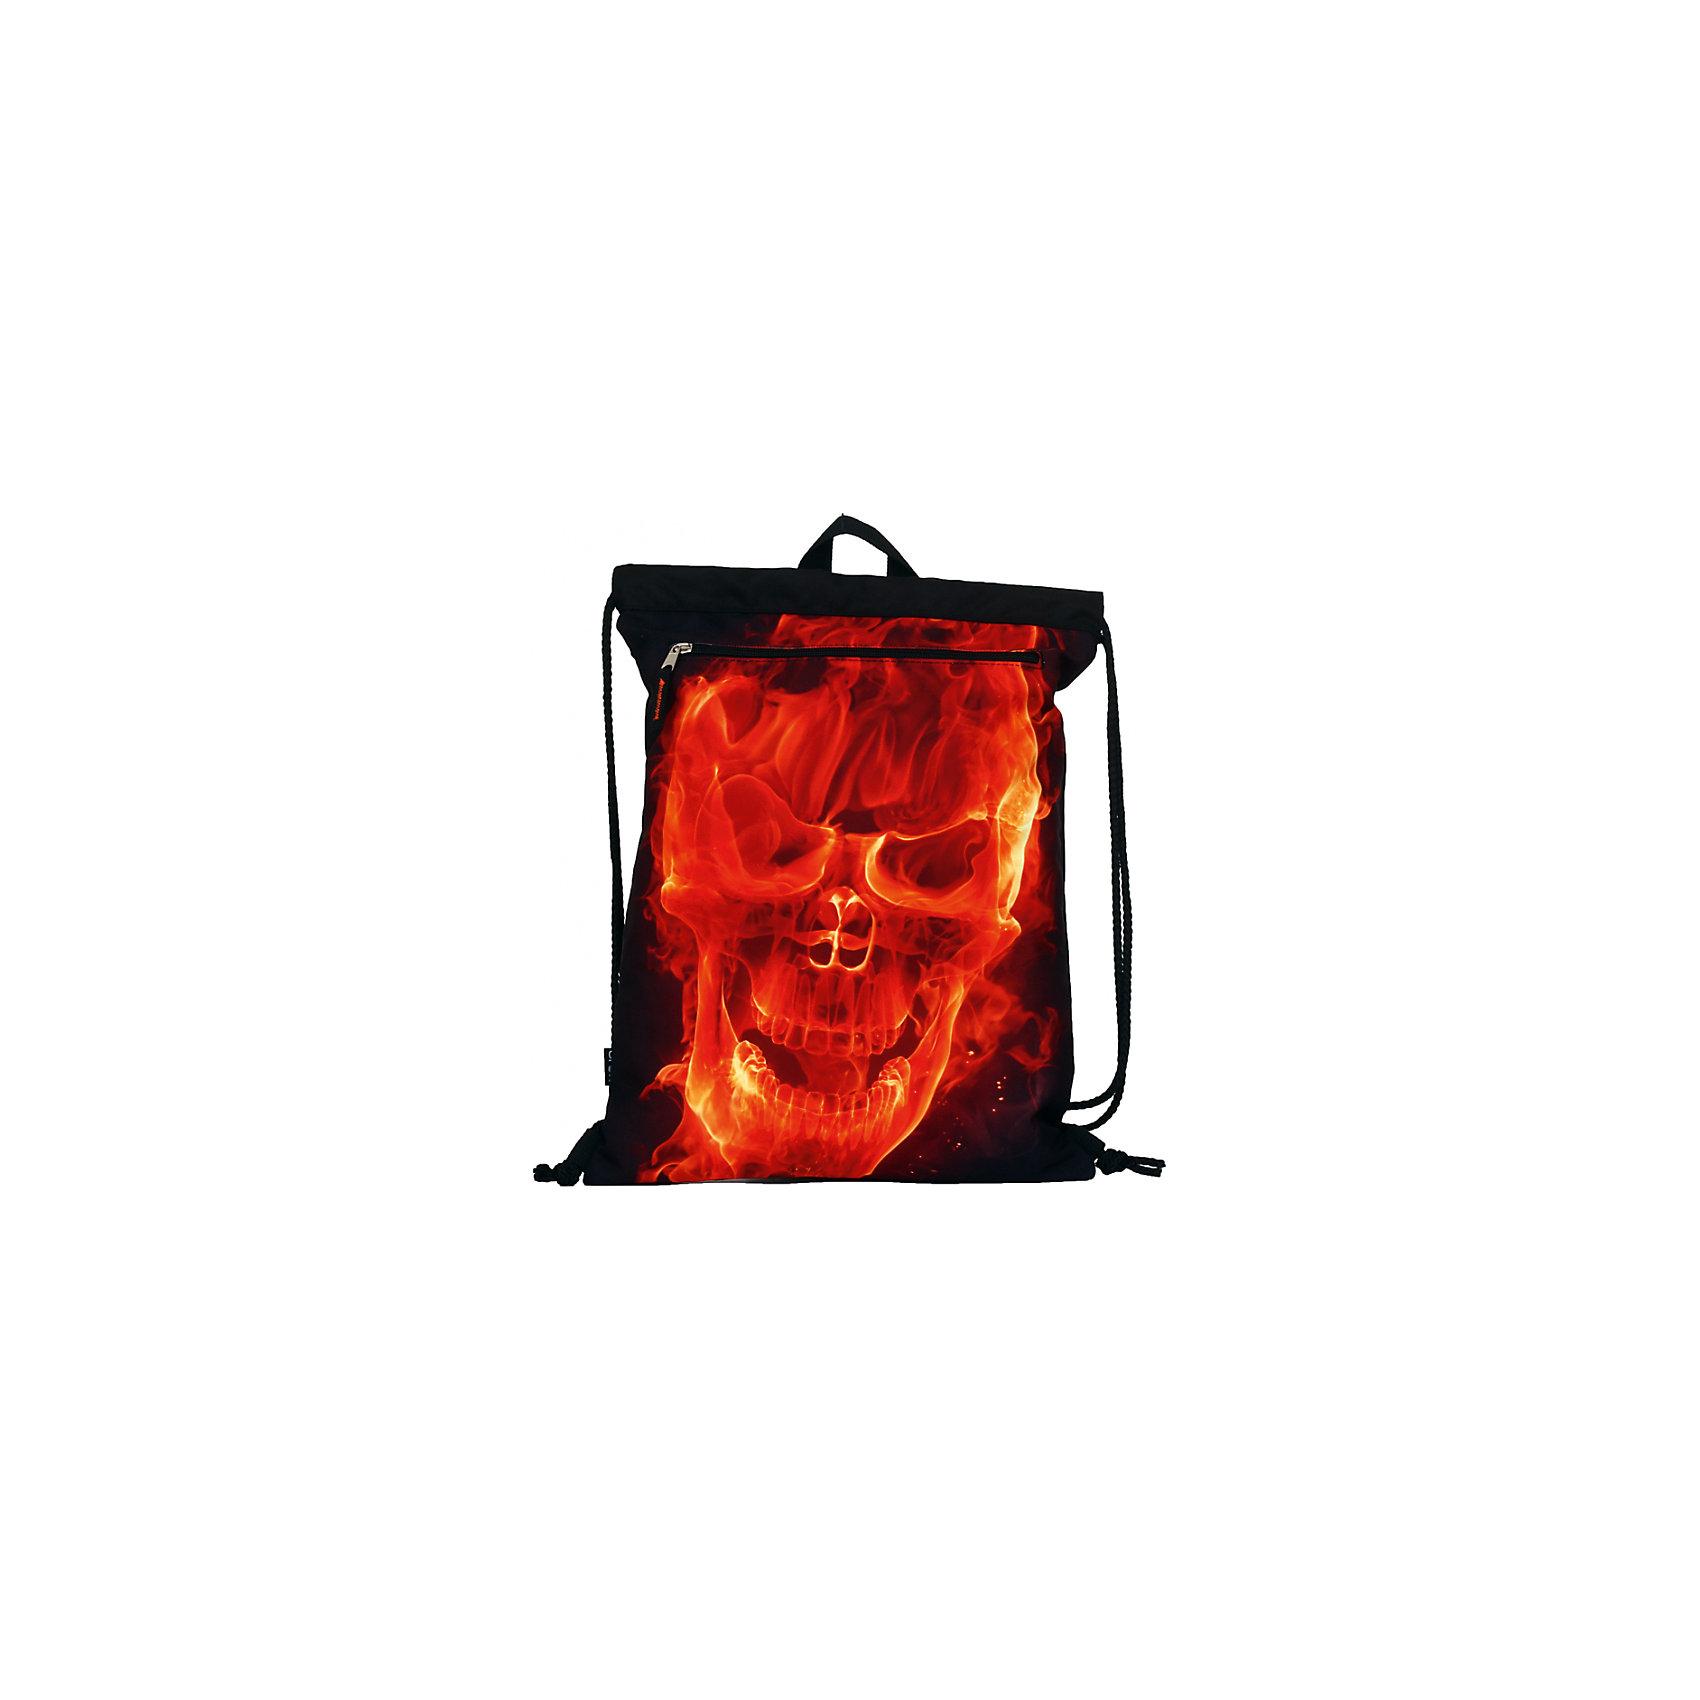 Сумка-рюкзак DEVIL Mr,Peterson, с маской с капюшономРюкзаки<br>Вес: 0,3 кг<br>Размер: 45,7х34,3 см<br>Состав: сумка-рюкзак<br>Наличие светоотражающих элементов: нет<br>Материал: полиэстер<br><br>Ширина мм: 457<br>Глубина мм: 343<br>Высота мм: 0<br>Вес г: 300<br>Возраст от месяцев: 120<br>Возраст до месяцев: 720<br>Пол: Унисекс<br>Возраст: Детский<br>SKU: 7054128